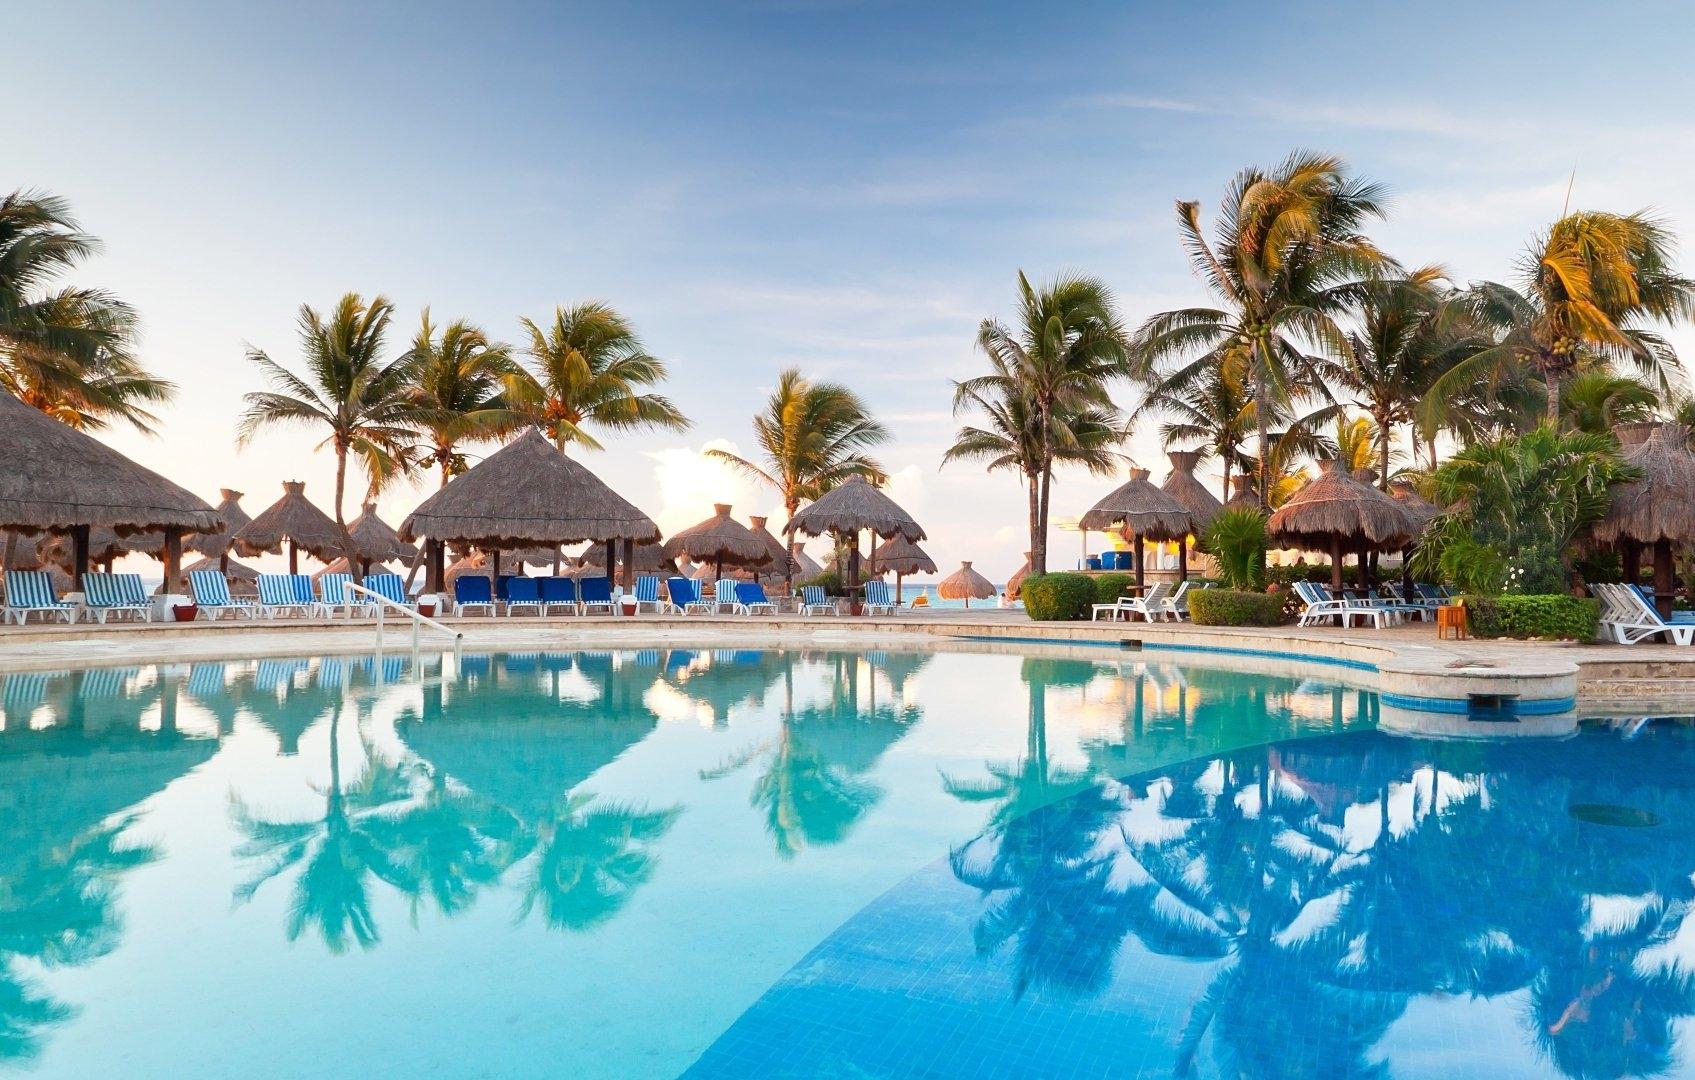 moje wakacje aplikacja tło palmy basen